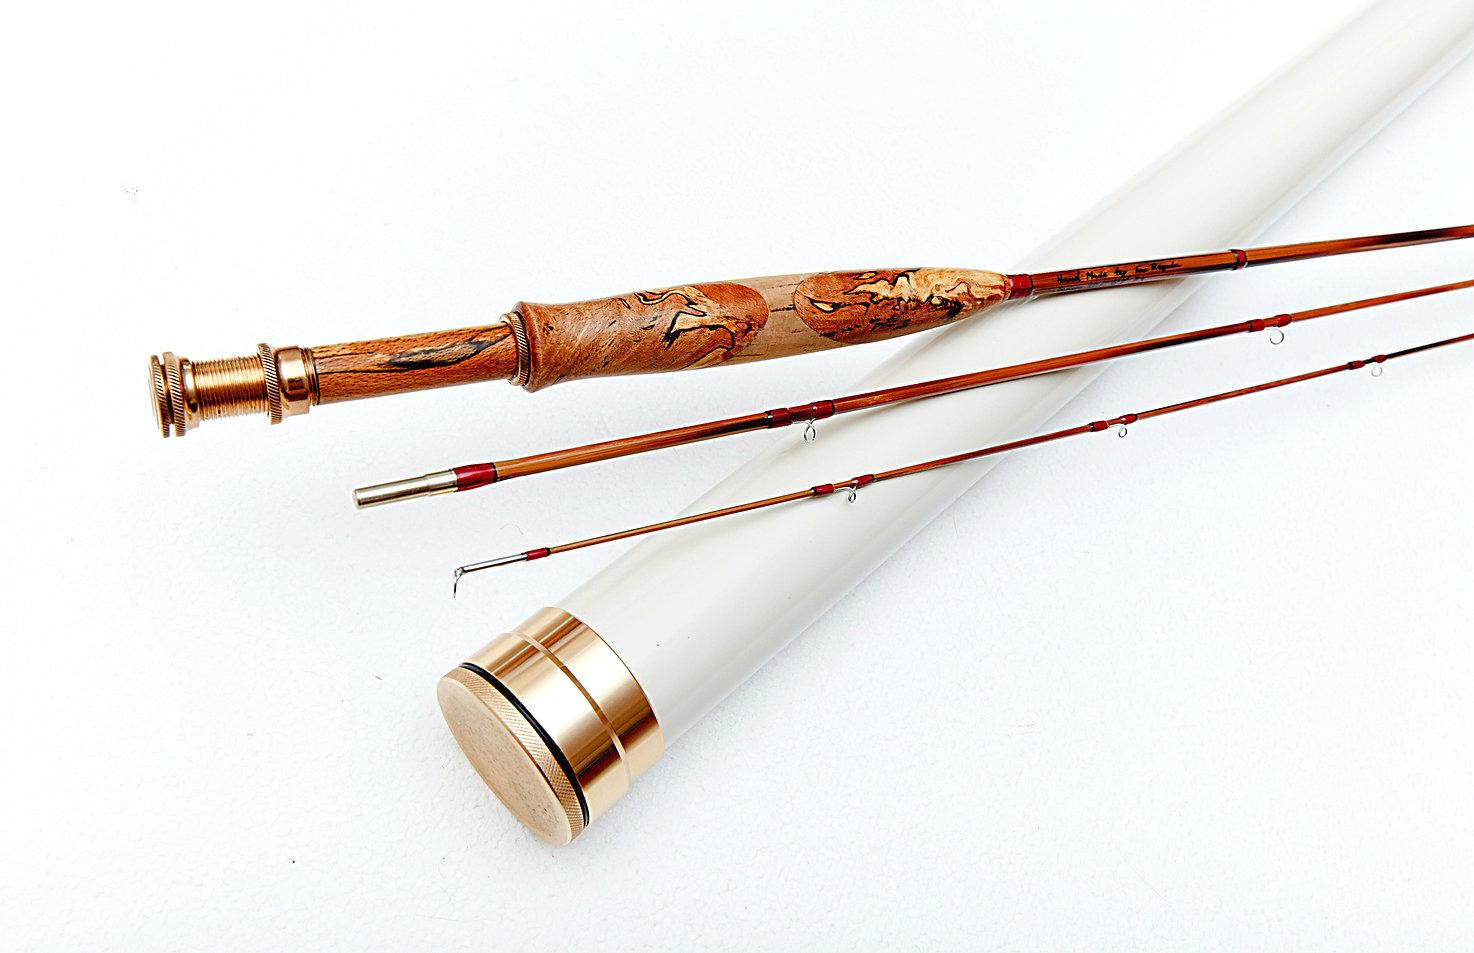 Fly fishing bespoke split cane rod by Tom Regula. Christmas gift for him. Christmas gift for her.